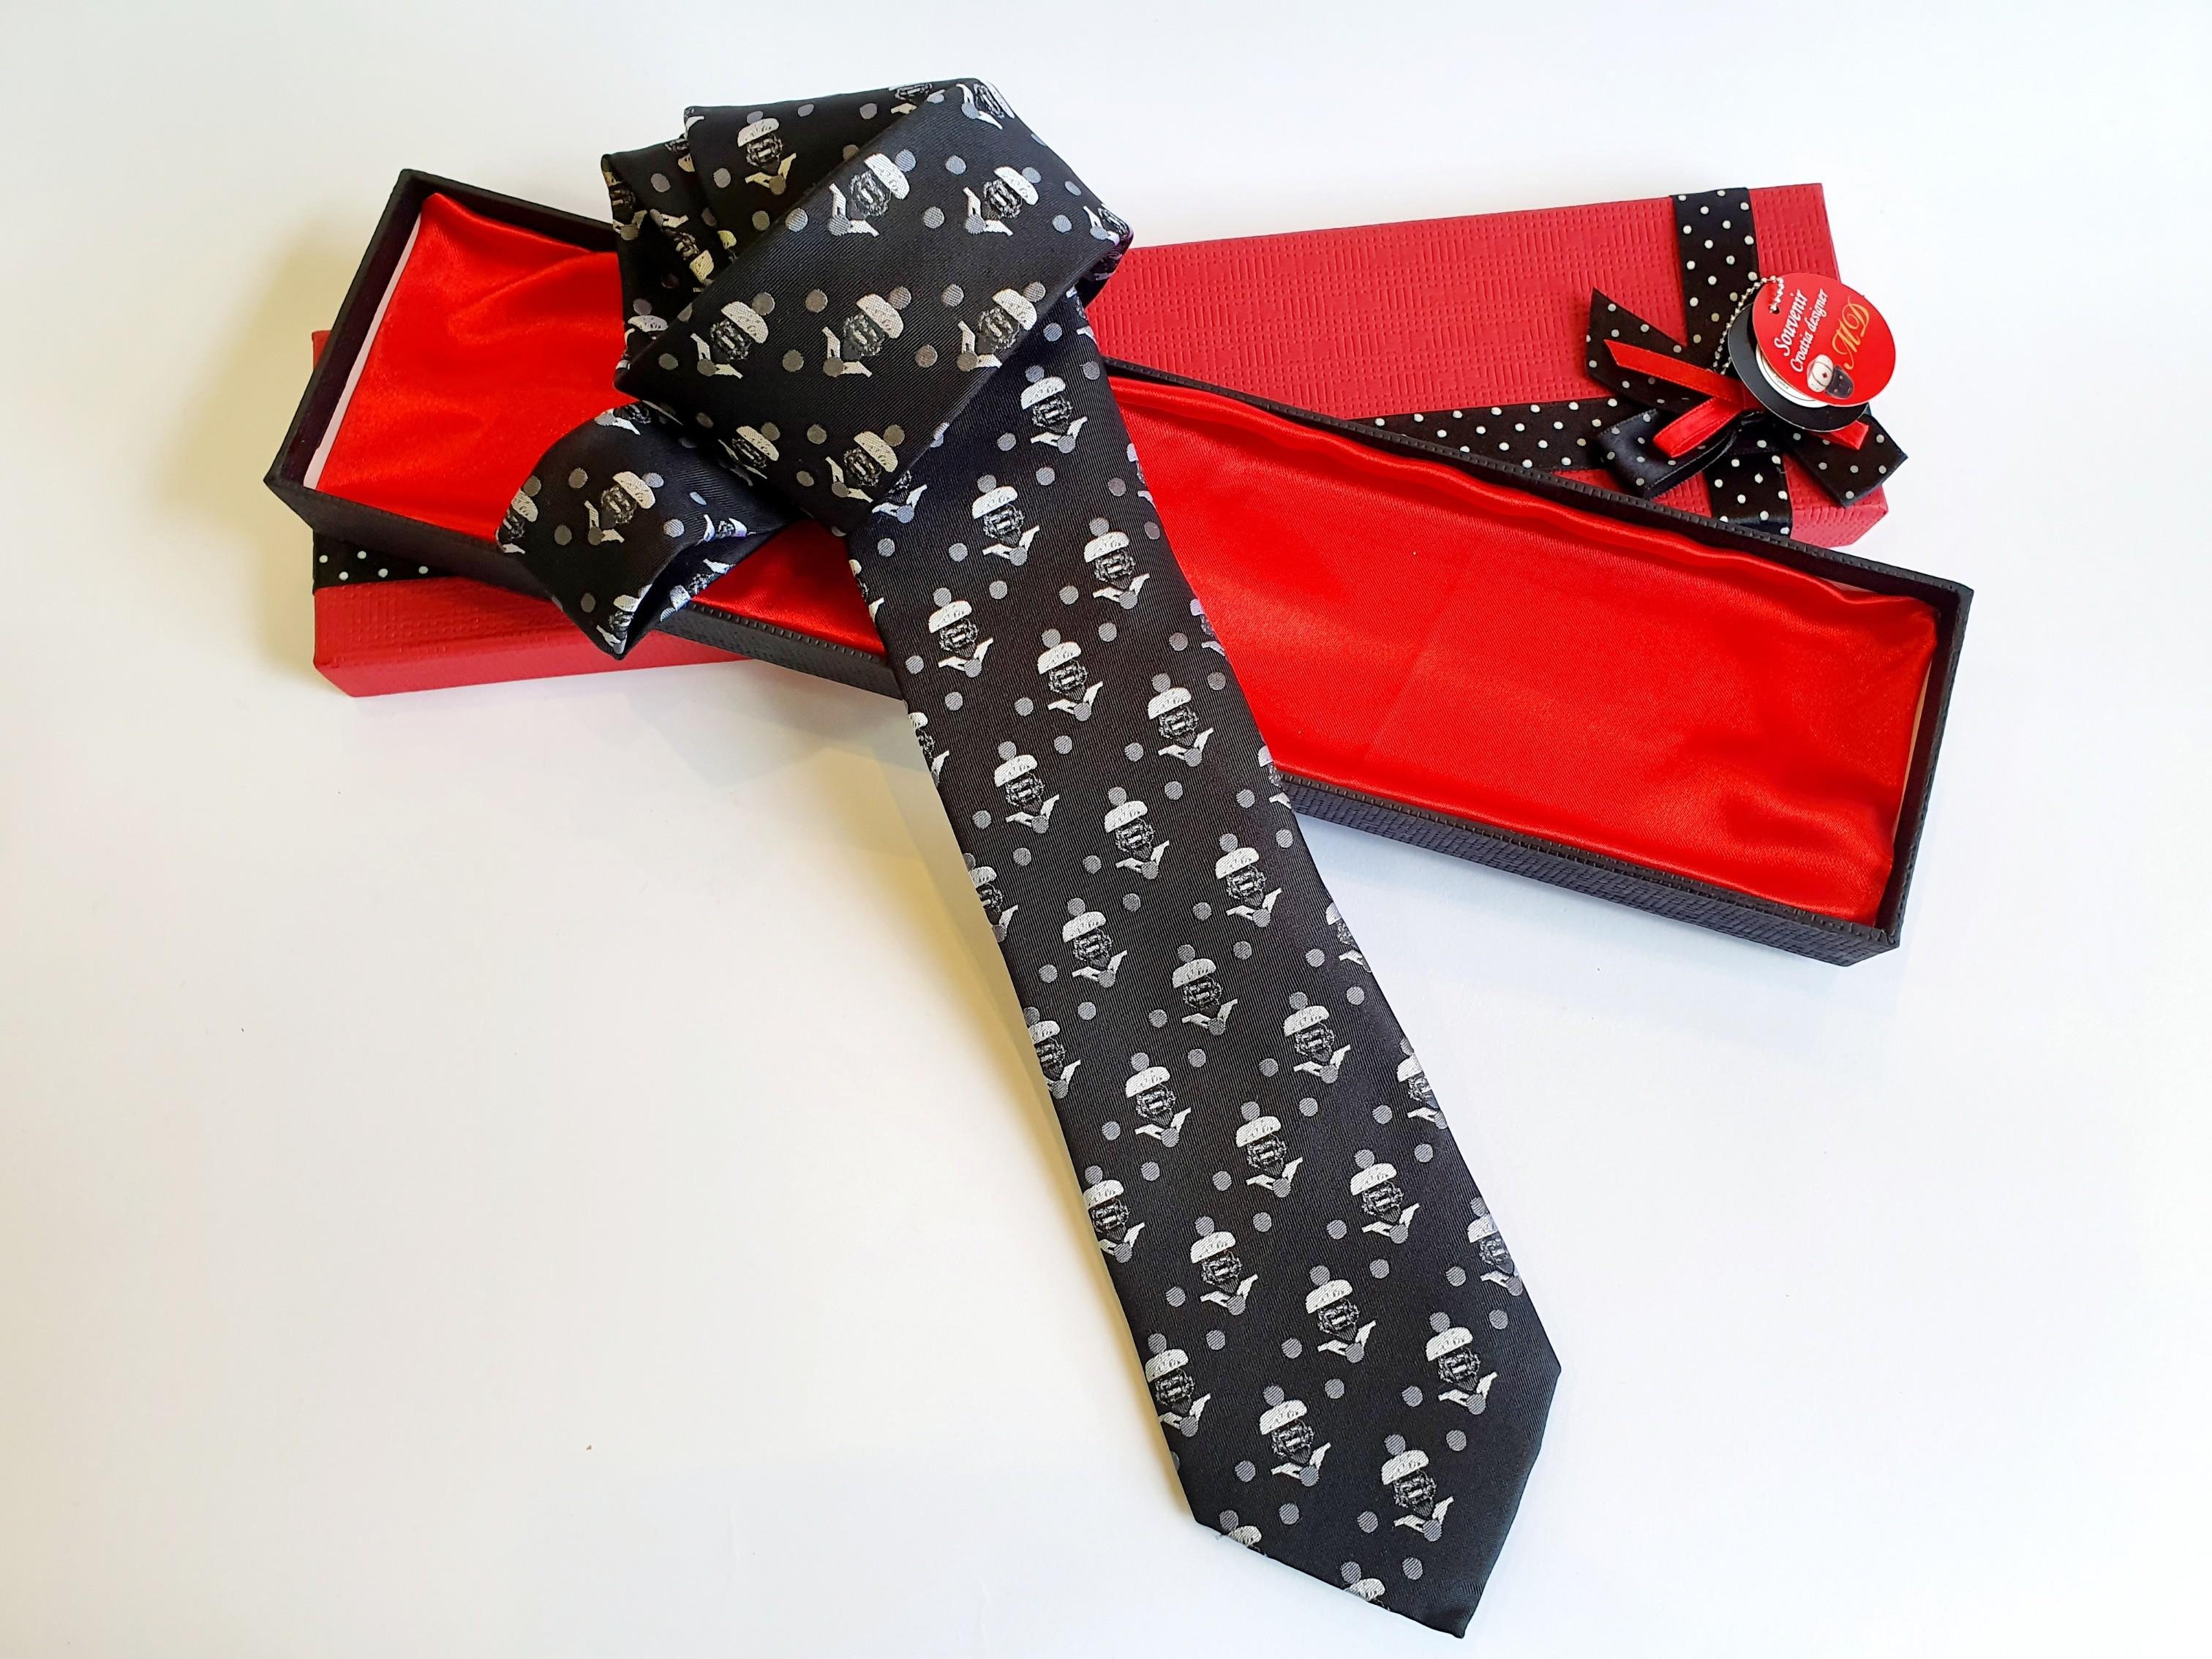 Morčić  linija – Svilena kravata crne boje s likom morčića